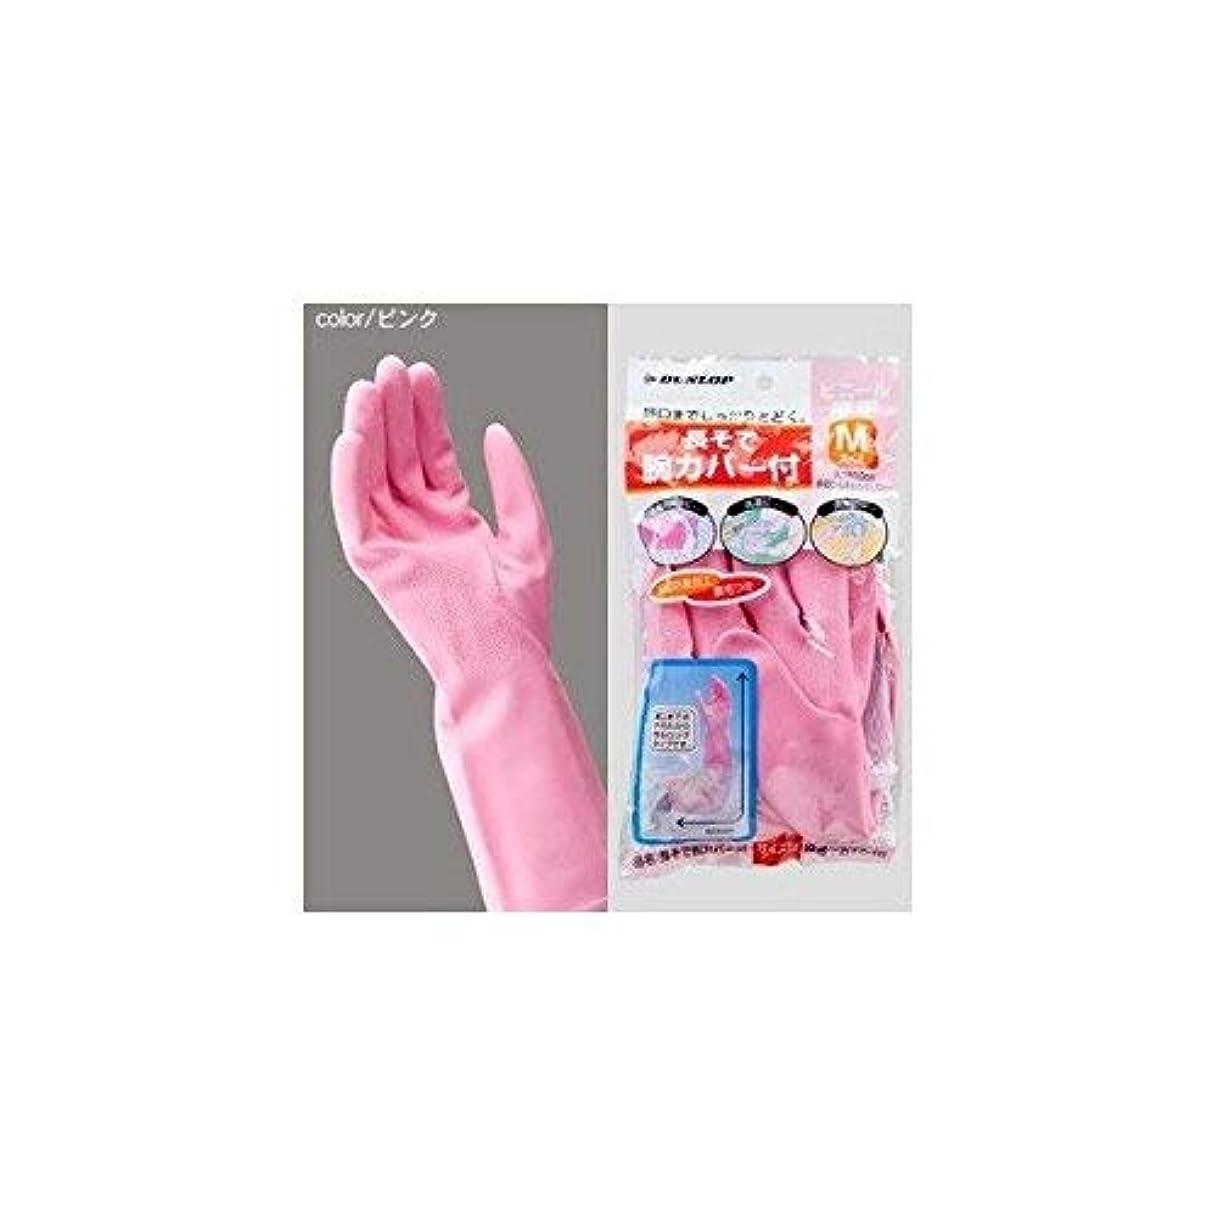 磁器ディンカルビルフルーツダンロップ ビニール手袋 厚手腕カバー付 M ピンク ×30個